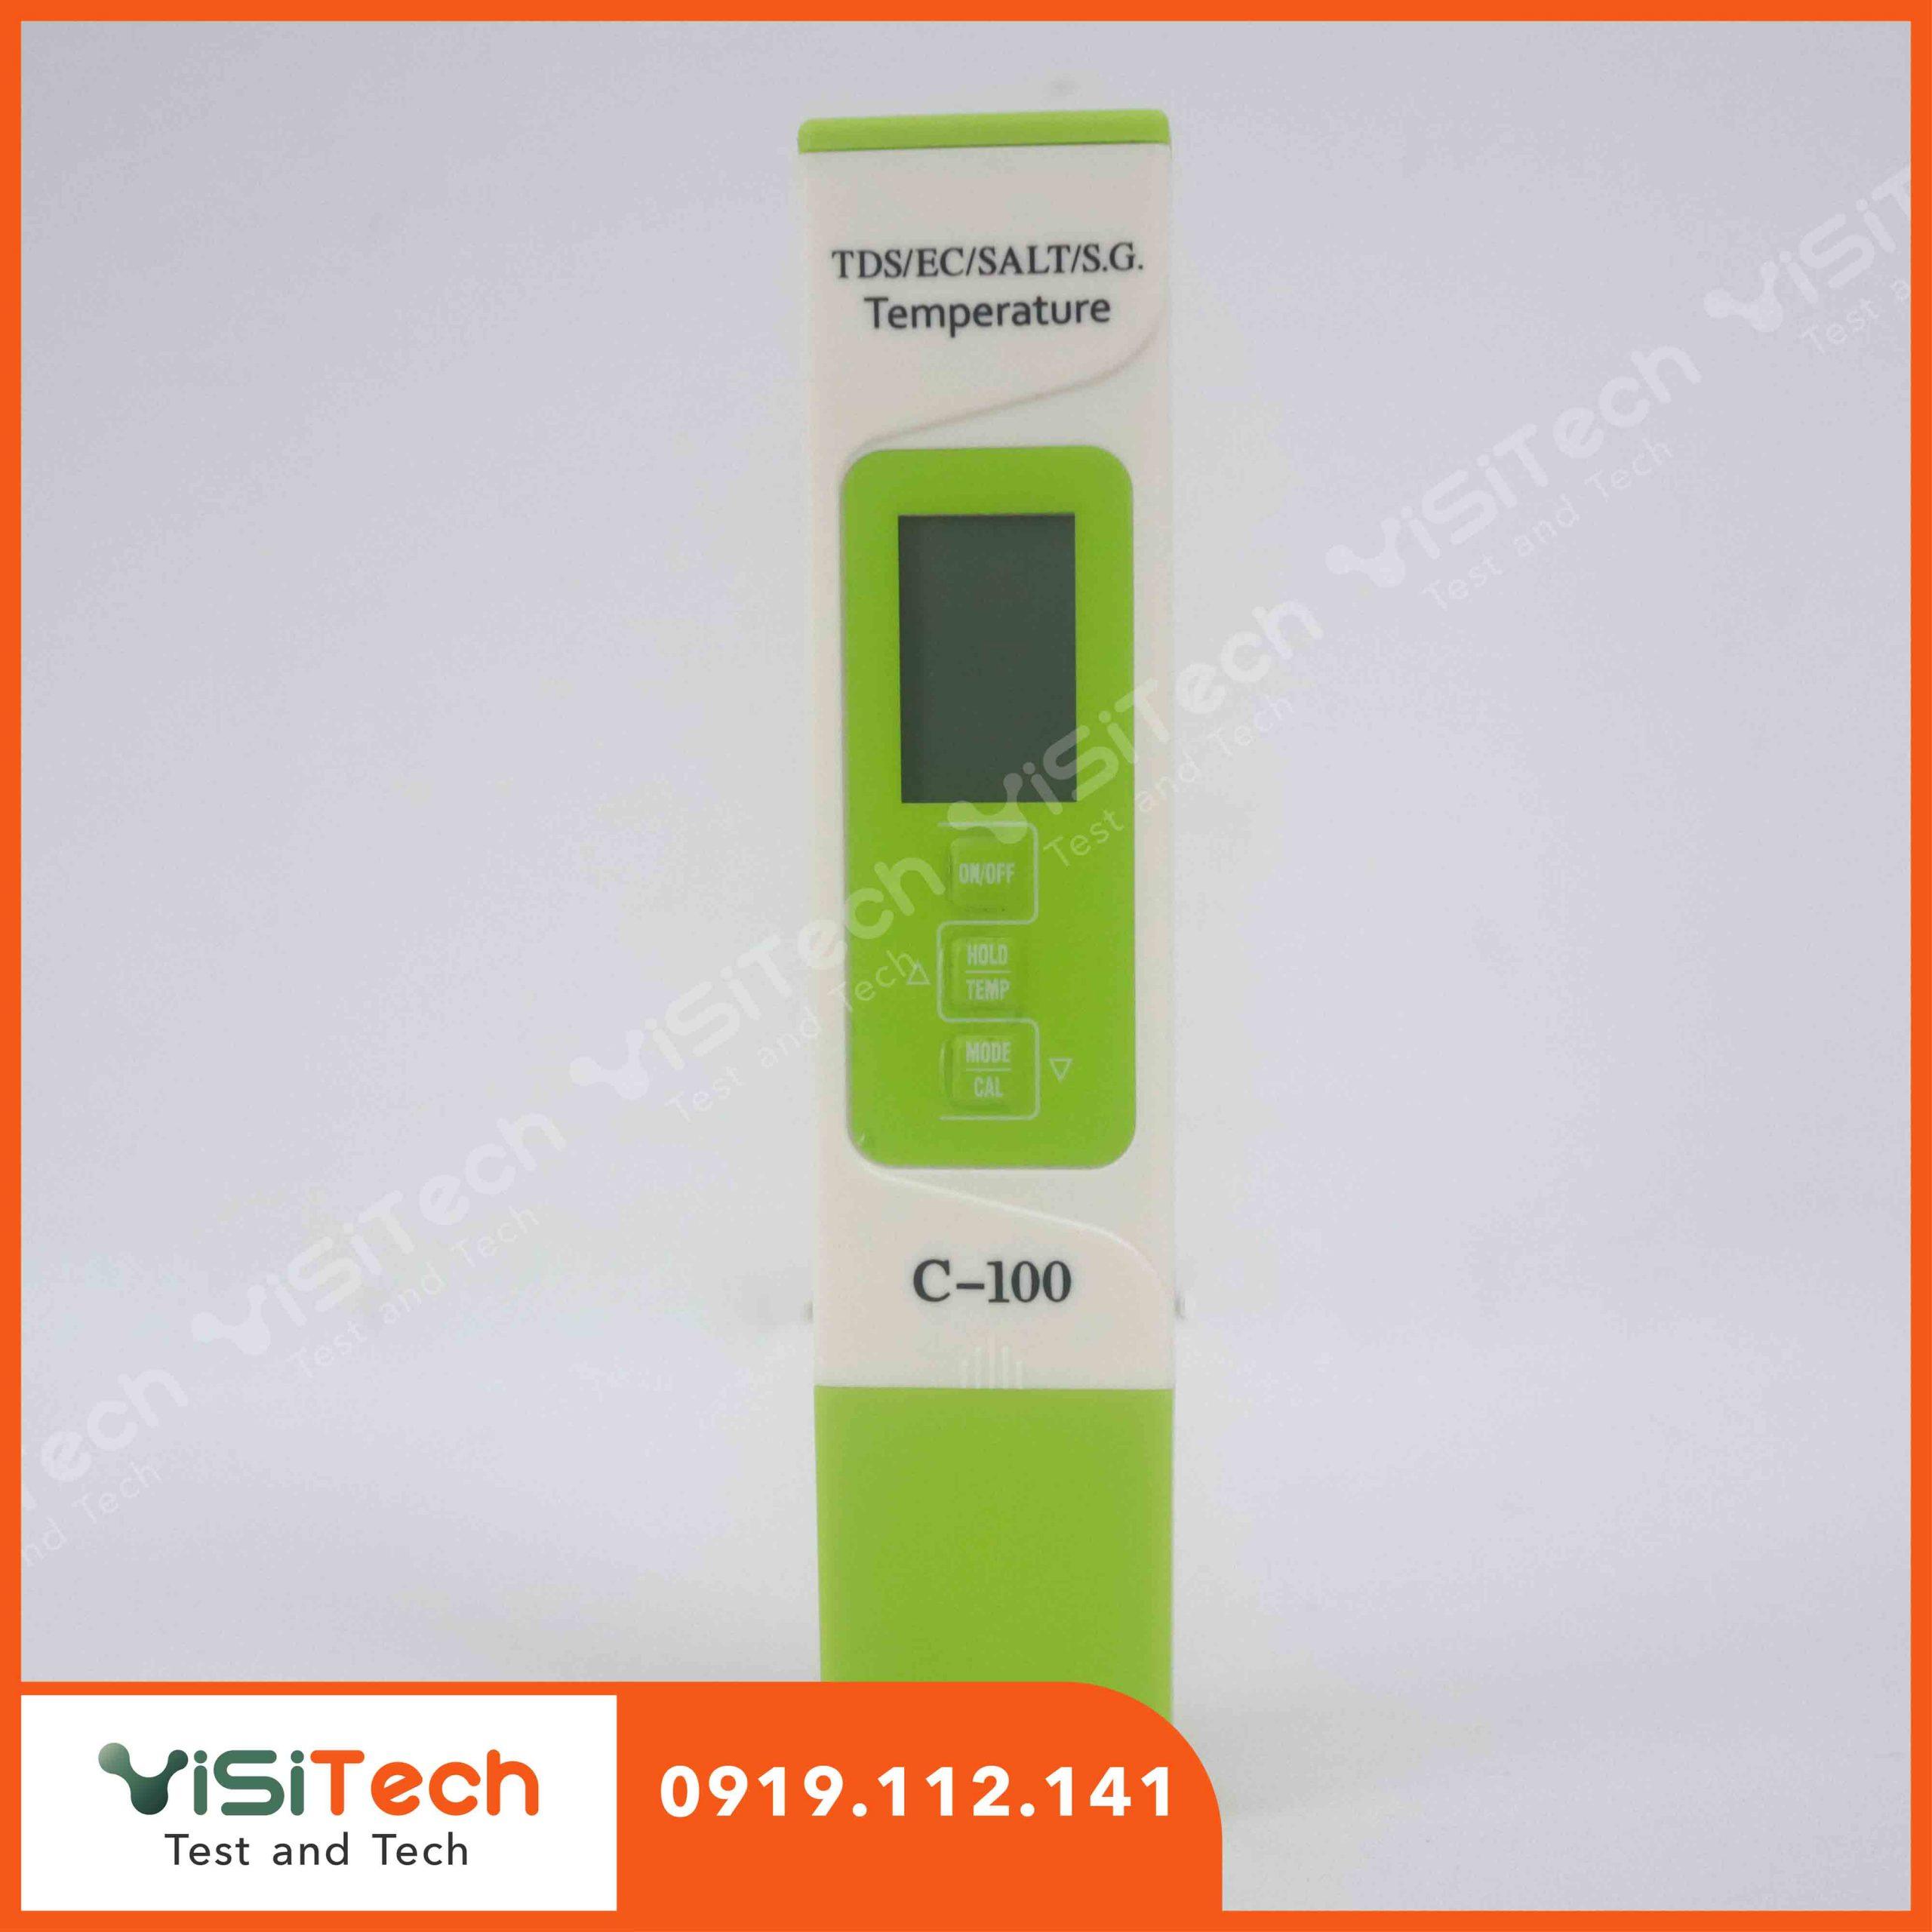 Bút đo độ mặn giá rẻ C100 tại Visitech